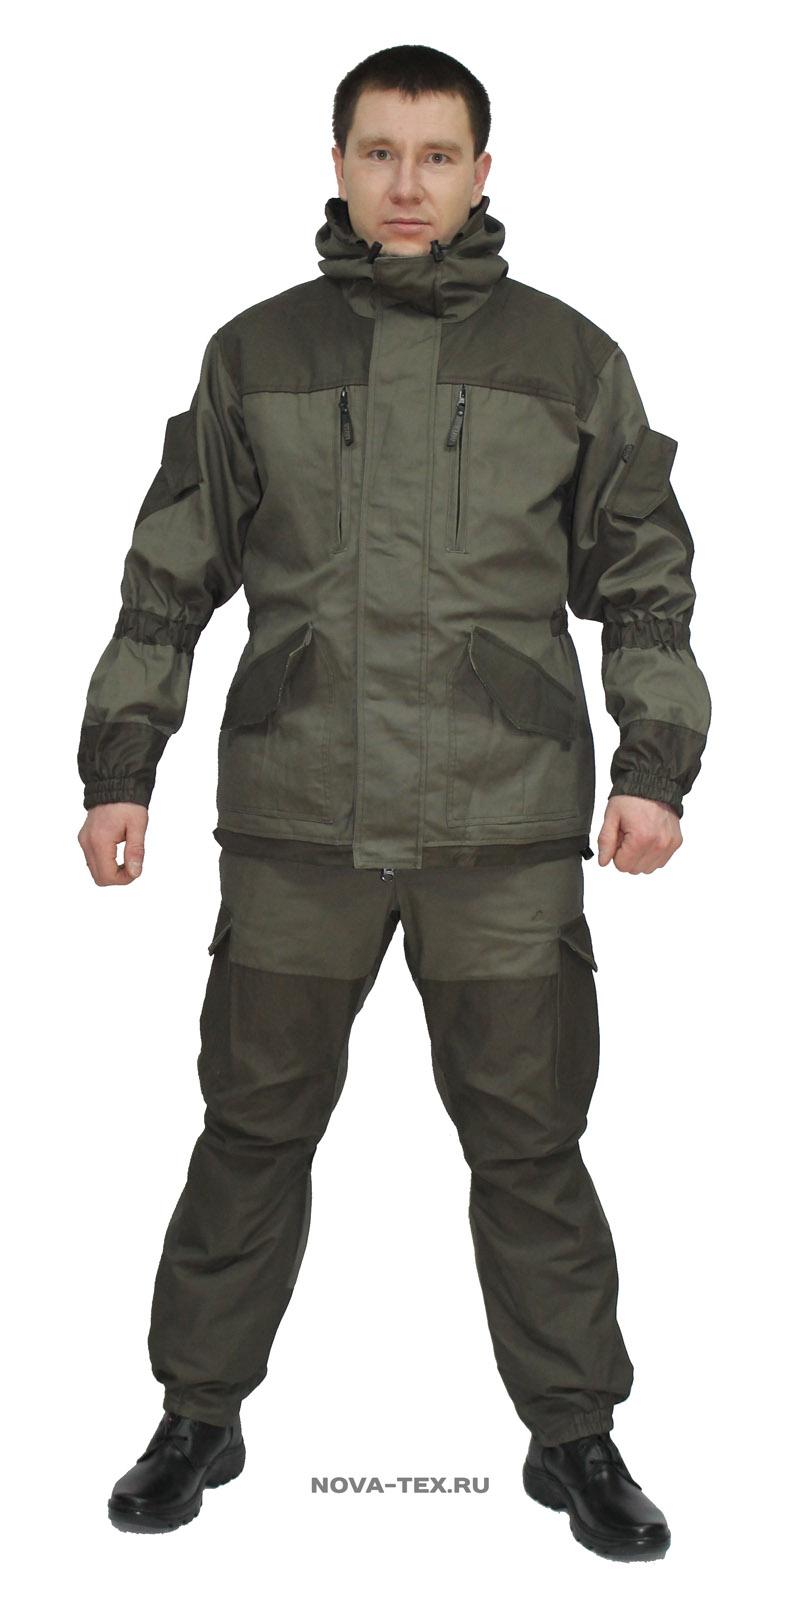 Костюм мужской Горка NEW (канвас, т.хаки), Костюмы неутепленные<br>Костюм «Горка NEW» ( ТМ «Payer») разработан <br>в компании Novatex на основе легендарного костюма <br>«Горка», используемого в спецподразделениях. <br>Костюм «Горка NEW» состоит из куртки и брюк <br>на подтяжках. Отличается специальным анатомическим <br>кроем, характерным для данной линии одежды. <br>Он не стесняет движений, дает свободу перемещения <br>в условиях пересеченной местности.Основная <br>ткань - прочный, износостойкий канвас. Эта <br>ткань (100% хлопка) прекрасно защищает от <br>ветра, почти мгновенно сохнет, пропускает <br>воздух (позволяя телу «дышать»). Места повышенного <br>износа имеют дополнительное усиление, мембранной <br>тканью «Кошачий глаз», которая не пропускает <br>влагу снаружи, отводит ее изнутри и обладает <br>повышенной износостойкостью. Рекомендован <br>для военных, охотников, рыбаков, туристов, <br>любителей военно-спортивных игр, представителей <br>силовых структур. Особенности модели: -основная <br>ткань - 100% хлопок -двойная ветрозащитная <br>планка -анатомический крой -двухзамковая <br>молния -капюшон регулируется по ширине <br>-отделка тканью-м<br><br>Пол: мужской<br>Размер: 48-50<br>Рост: 182-188<br>Сезон: лето<br>Цвет: серый<br>Материал: хлопок